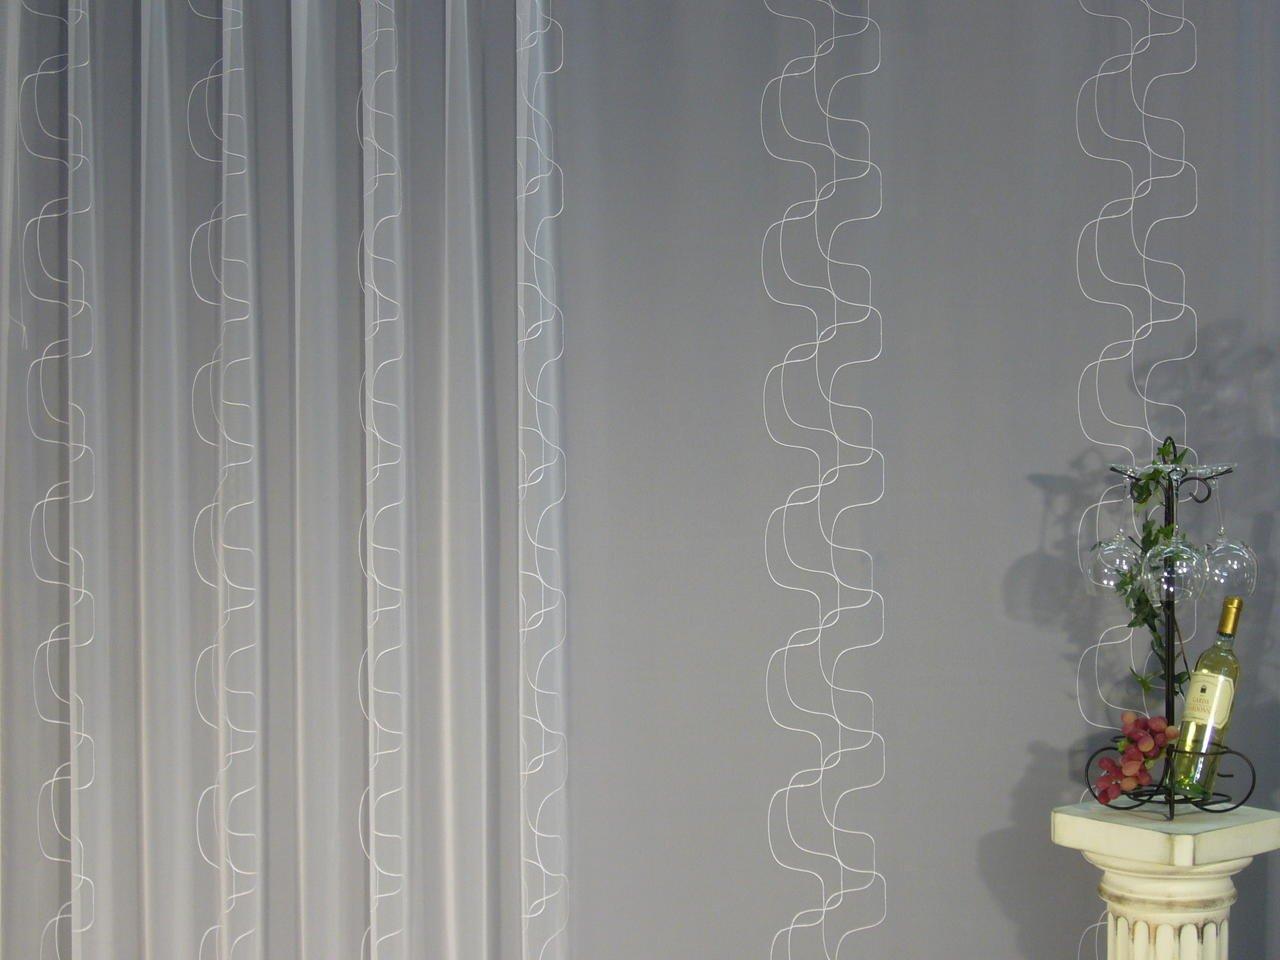 EASYHomefashion Hochwertige Fertiggardine - VOILE Store Store Store mit Motiv STICKEREI - Faltenband&Bleiband »LIMONE« versch. Größen, 230 x 600 cm (HöhexBreite) 02c910